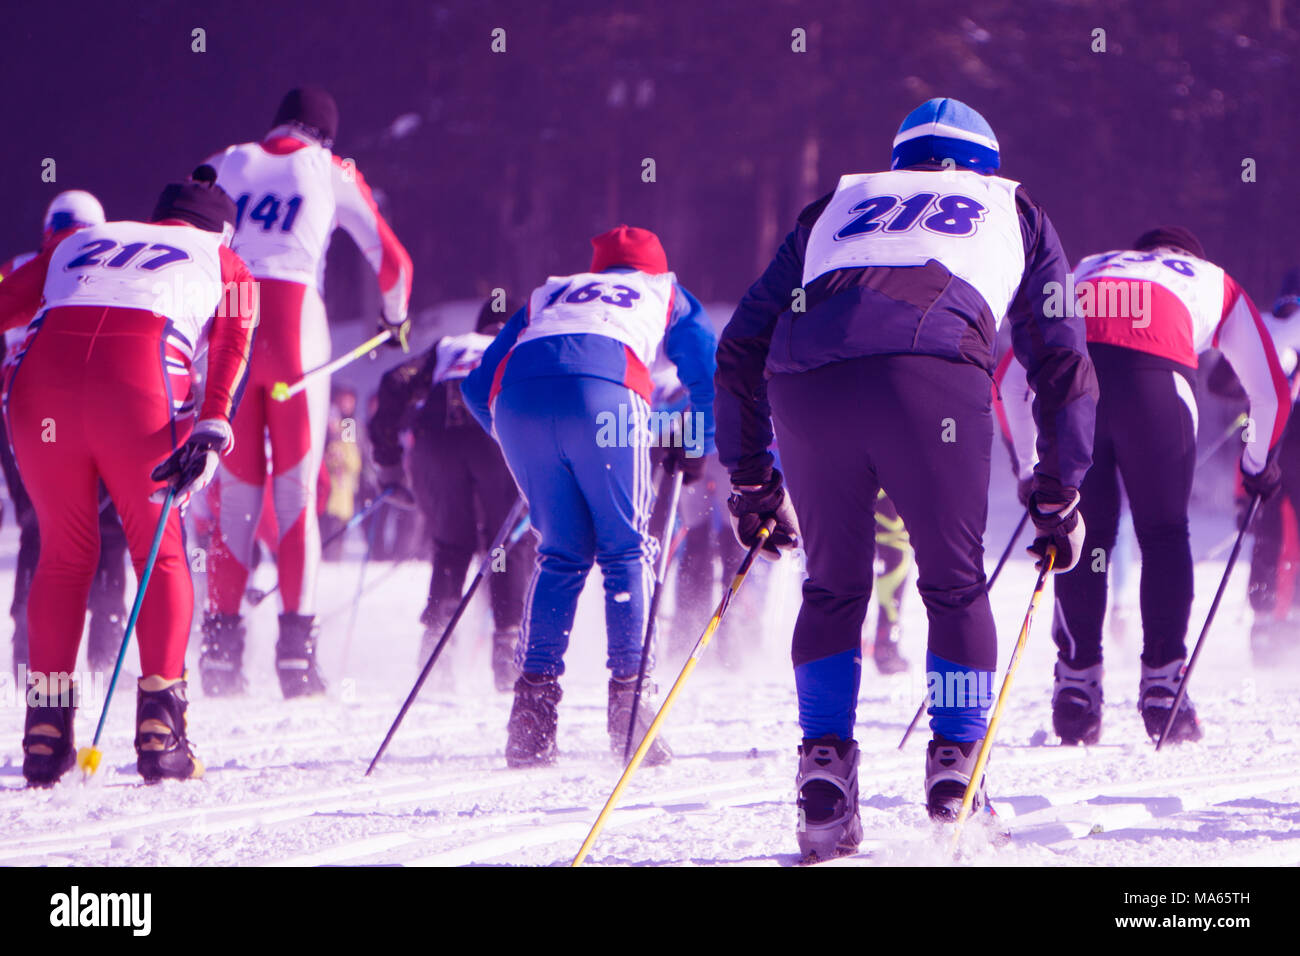 Persone gare di sci all'inizio della pista da sci presso la stazione sciistica . Immagini Stock